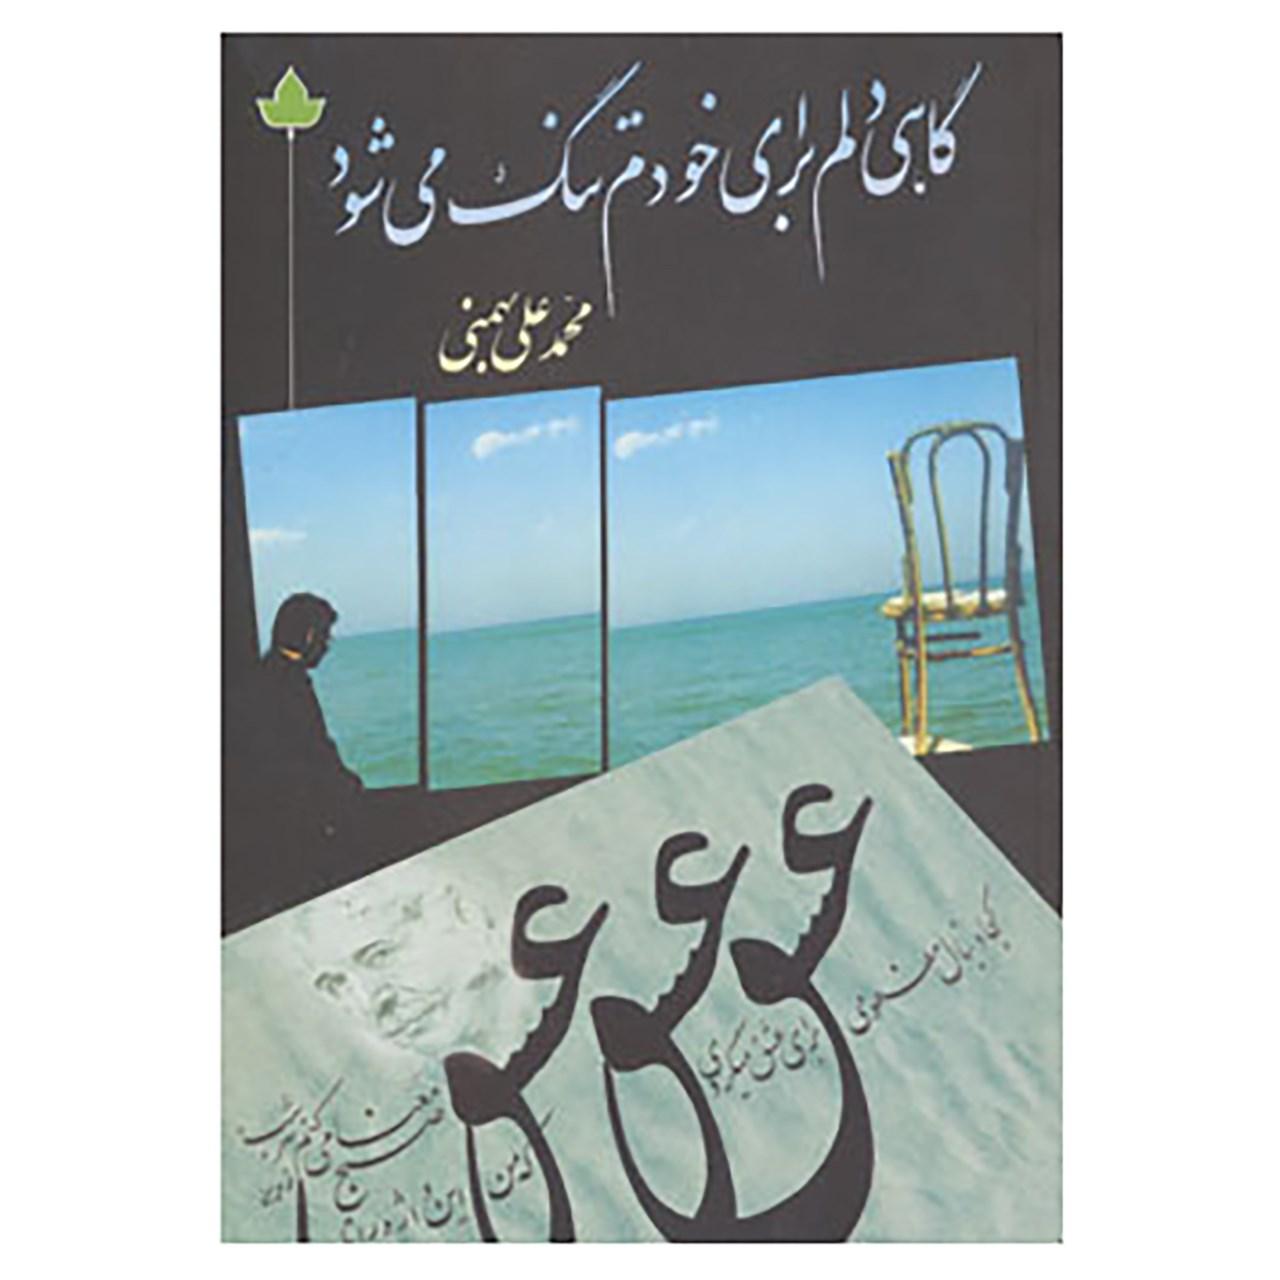 کتاب گاهی دلم برای خودم تنگ می شود اثر محمدعلی بهمنی